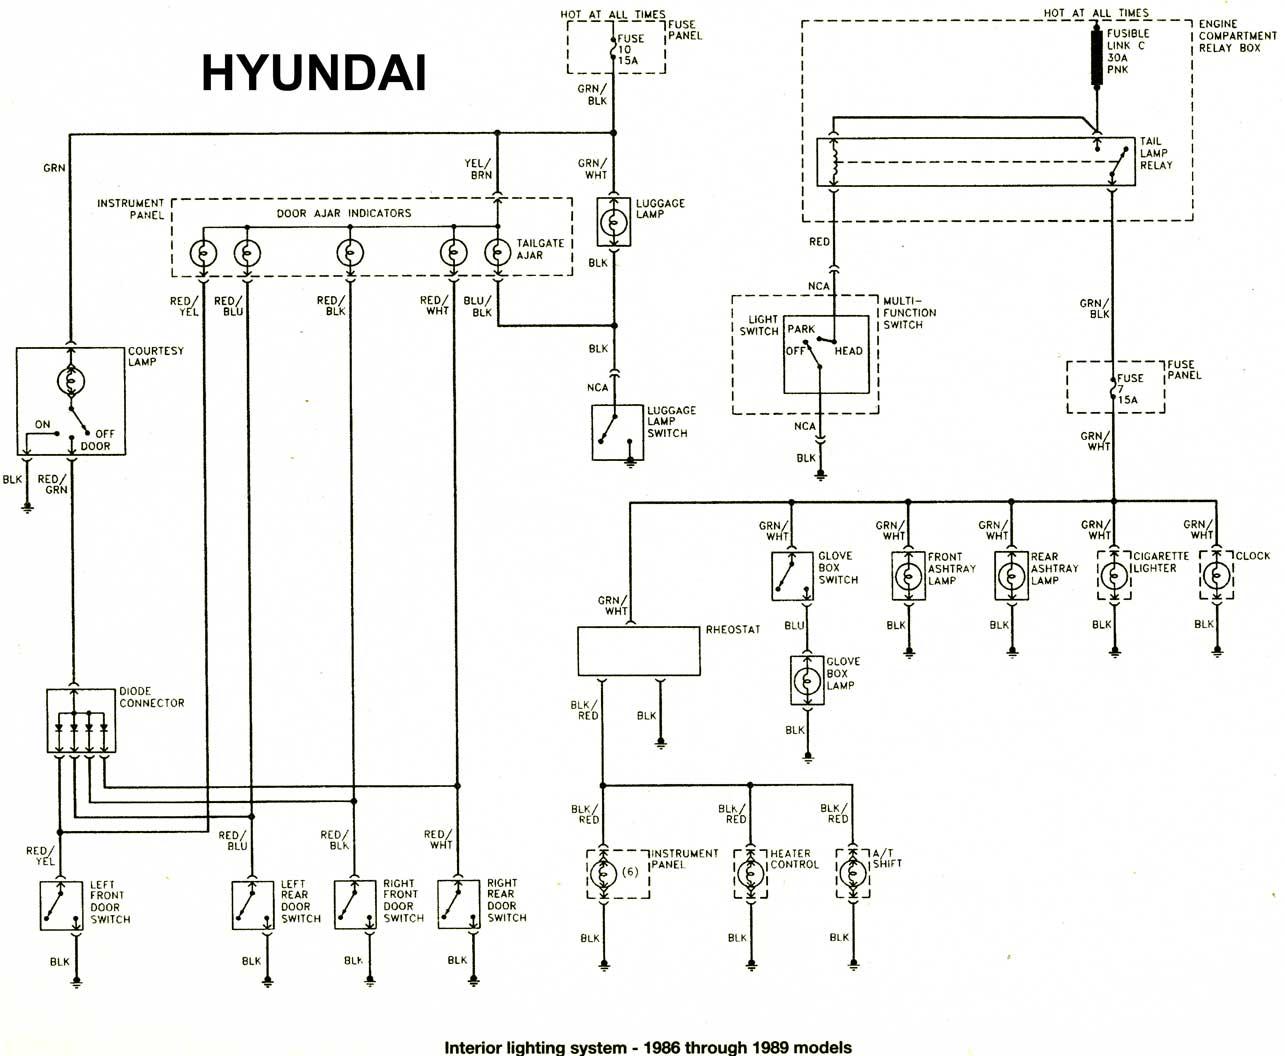 1993 Mustang Wiring Diagram Pdf